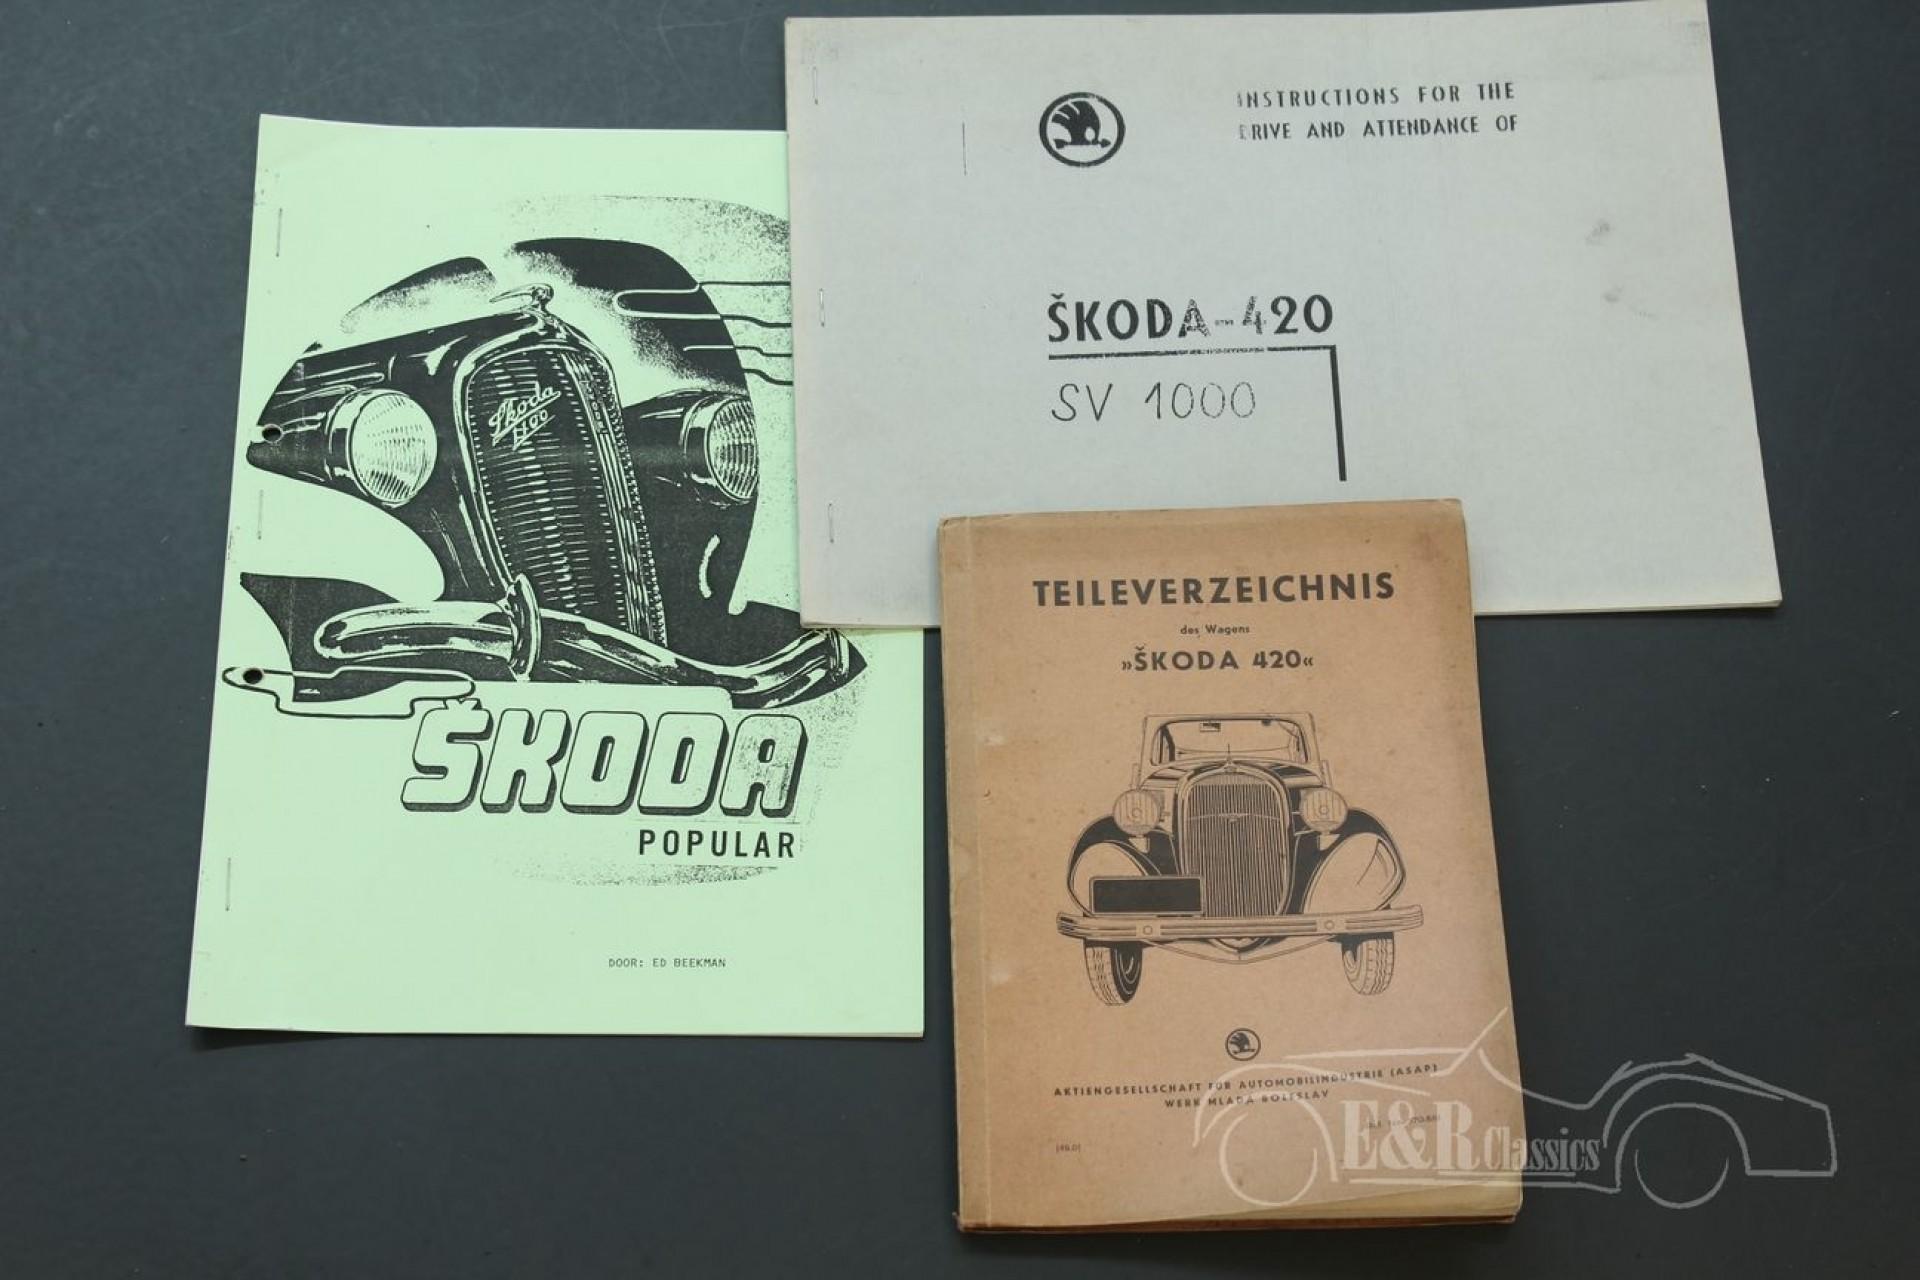 Vzácna Škoda na predaj: Len 5 exemplárov na svete, cena 102 760€!